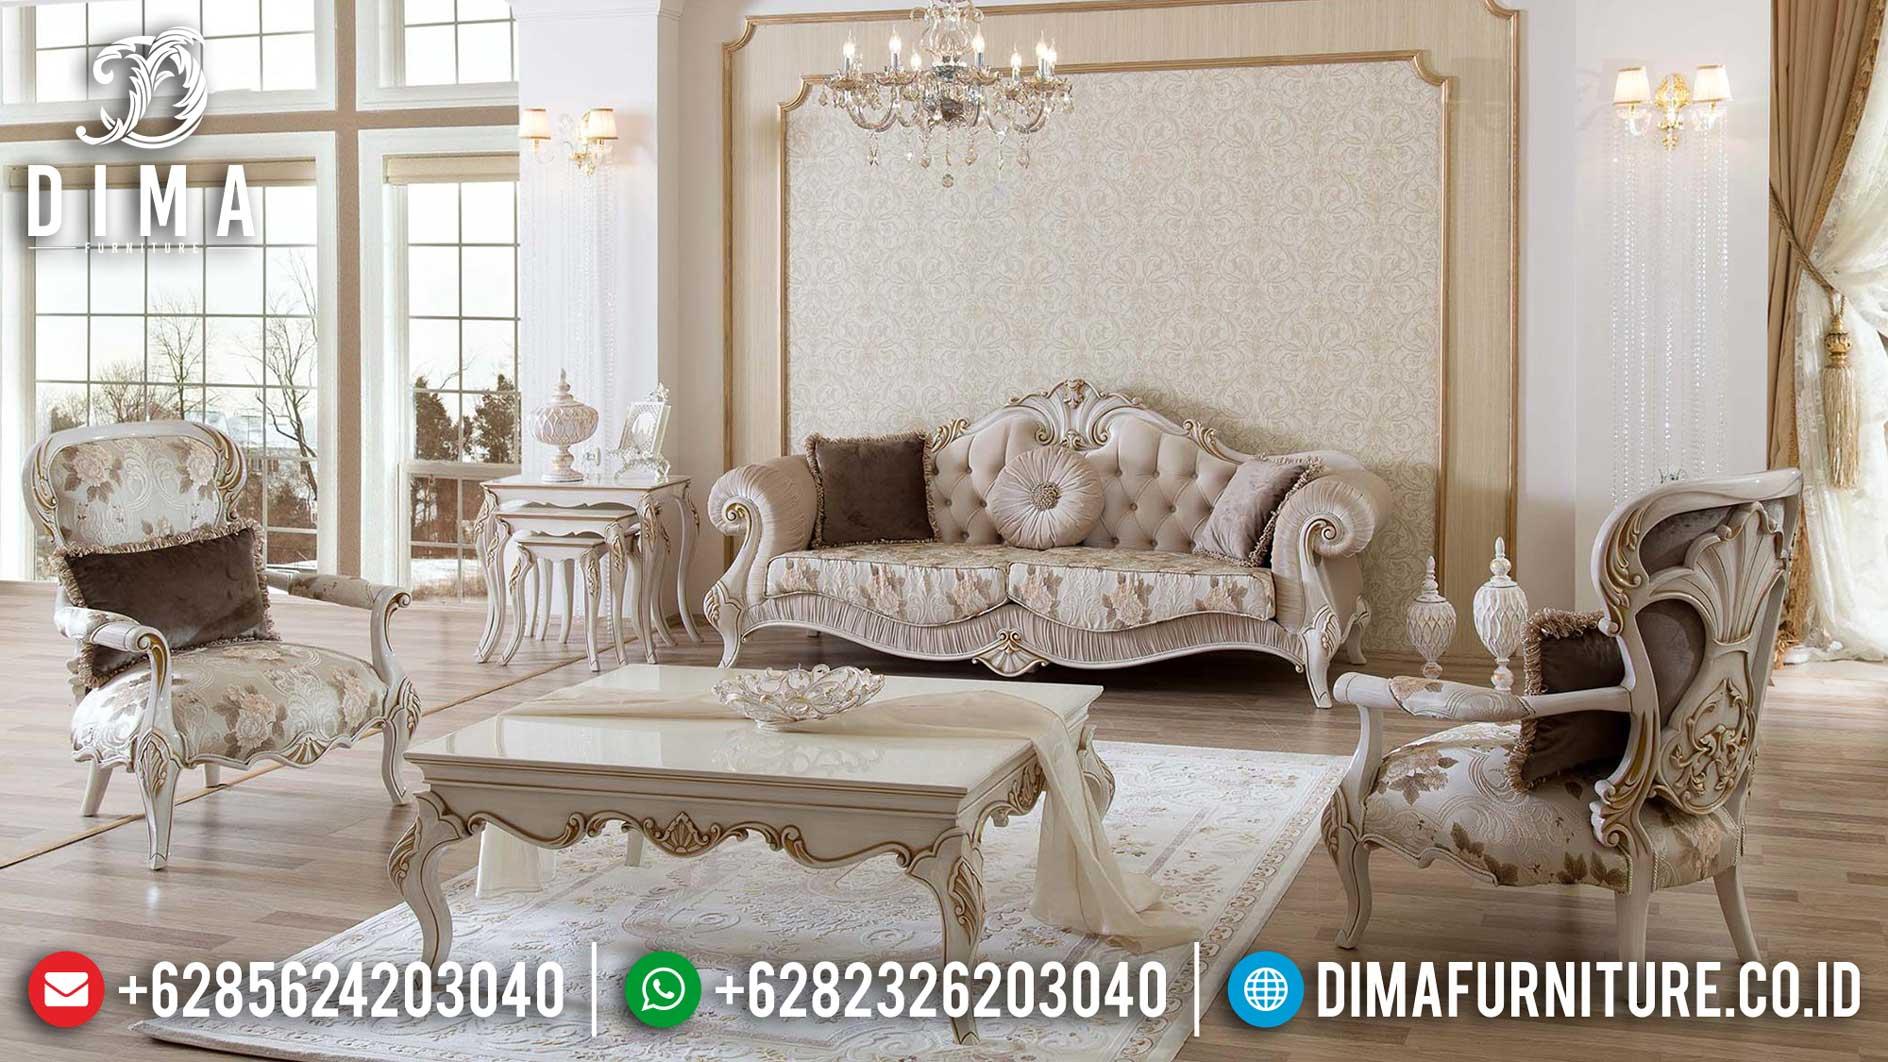 New Sofa Mewah Ruang Tamu, Sofa Tamu Ukiran Luxury, Kursi Tamu Mewah Elegant Style TTJ-1255